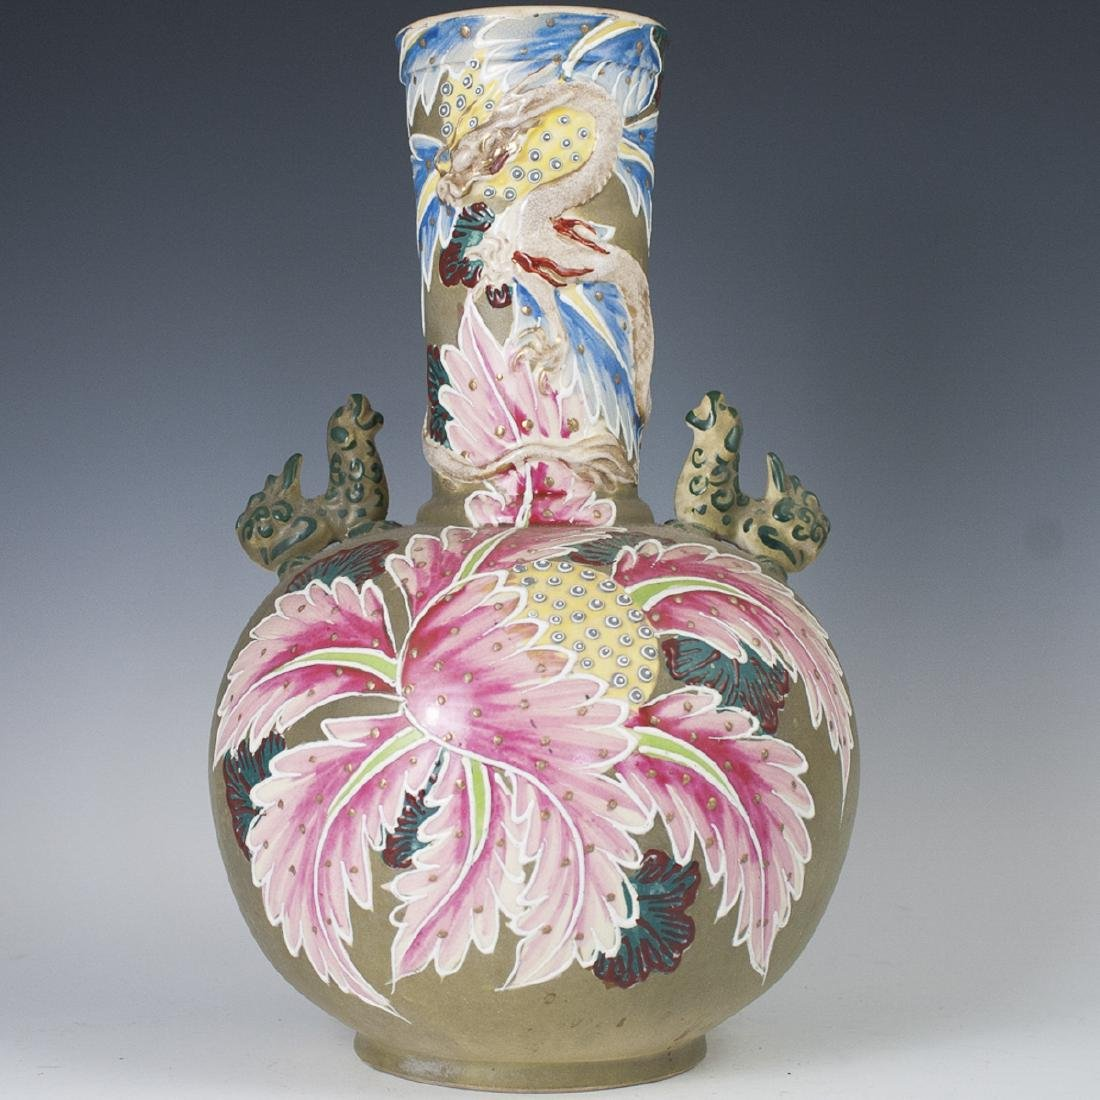 Japanese Moriage Enameled Porcelain Vase